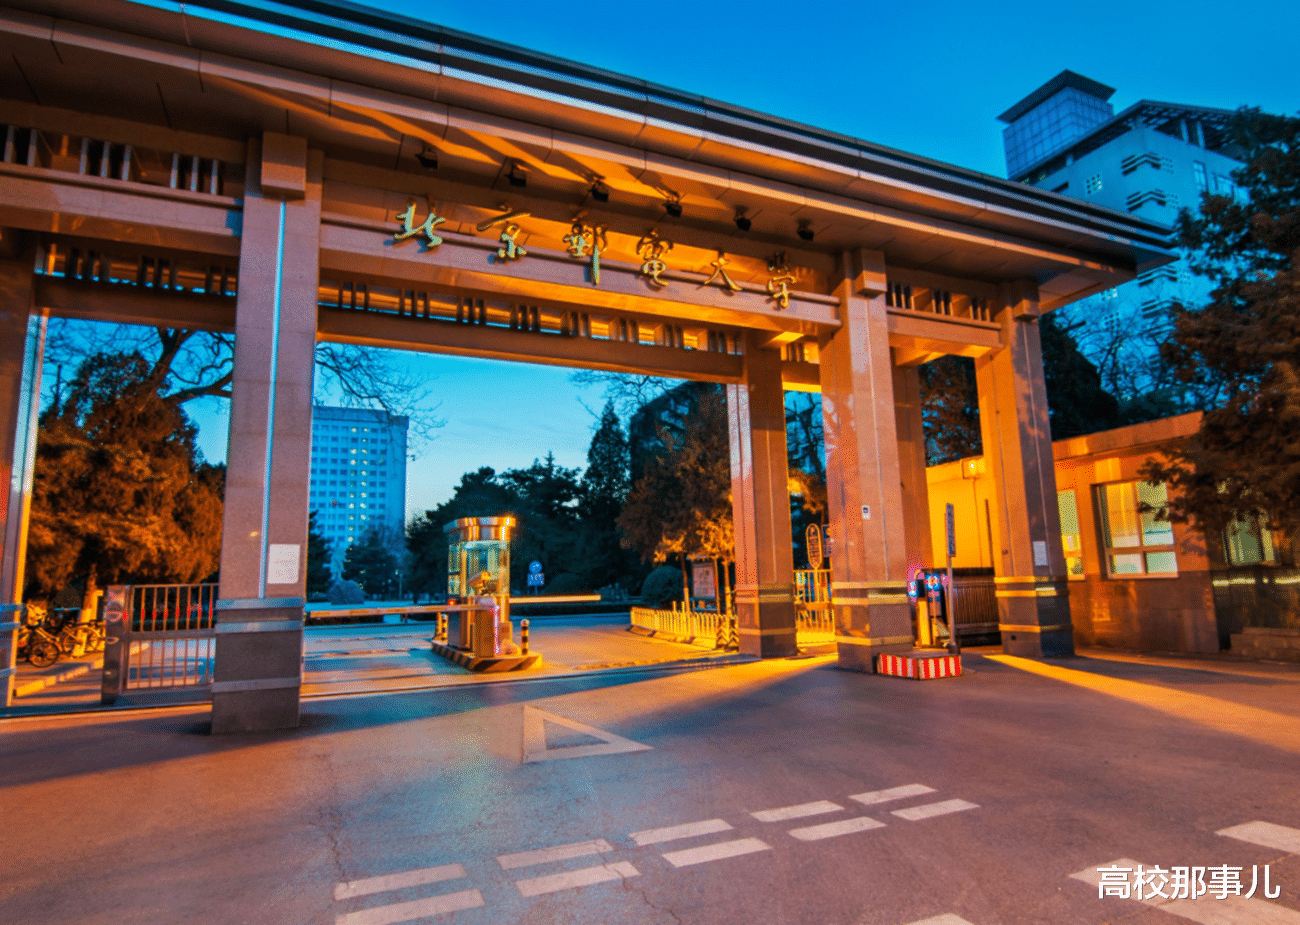 2021年高考,北京邮电大学增加四个专业,学生重点关注招生动态